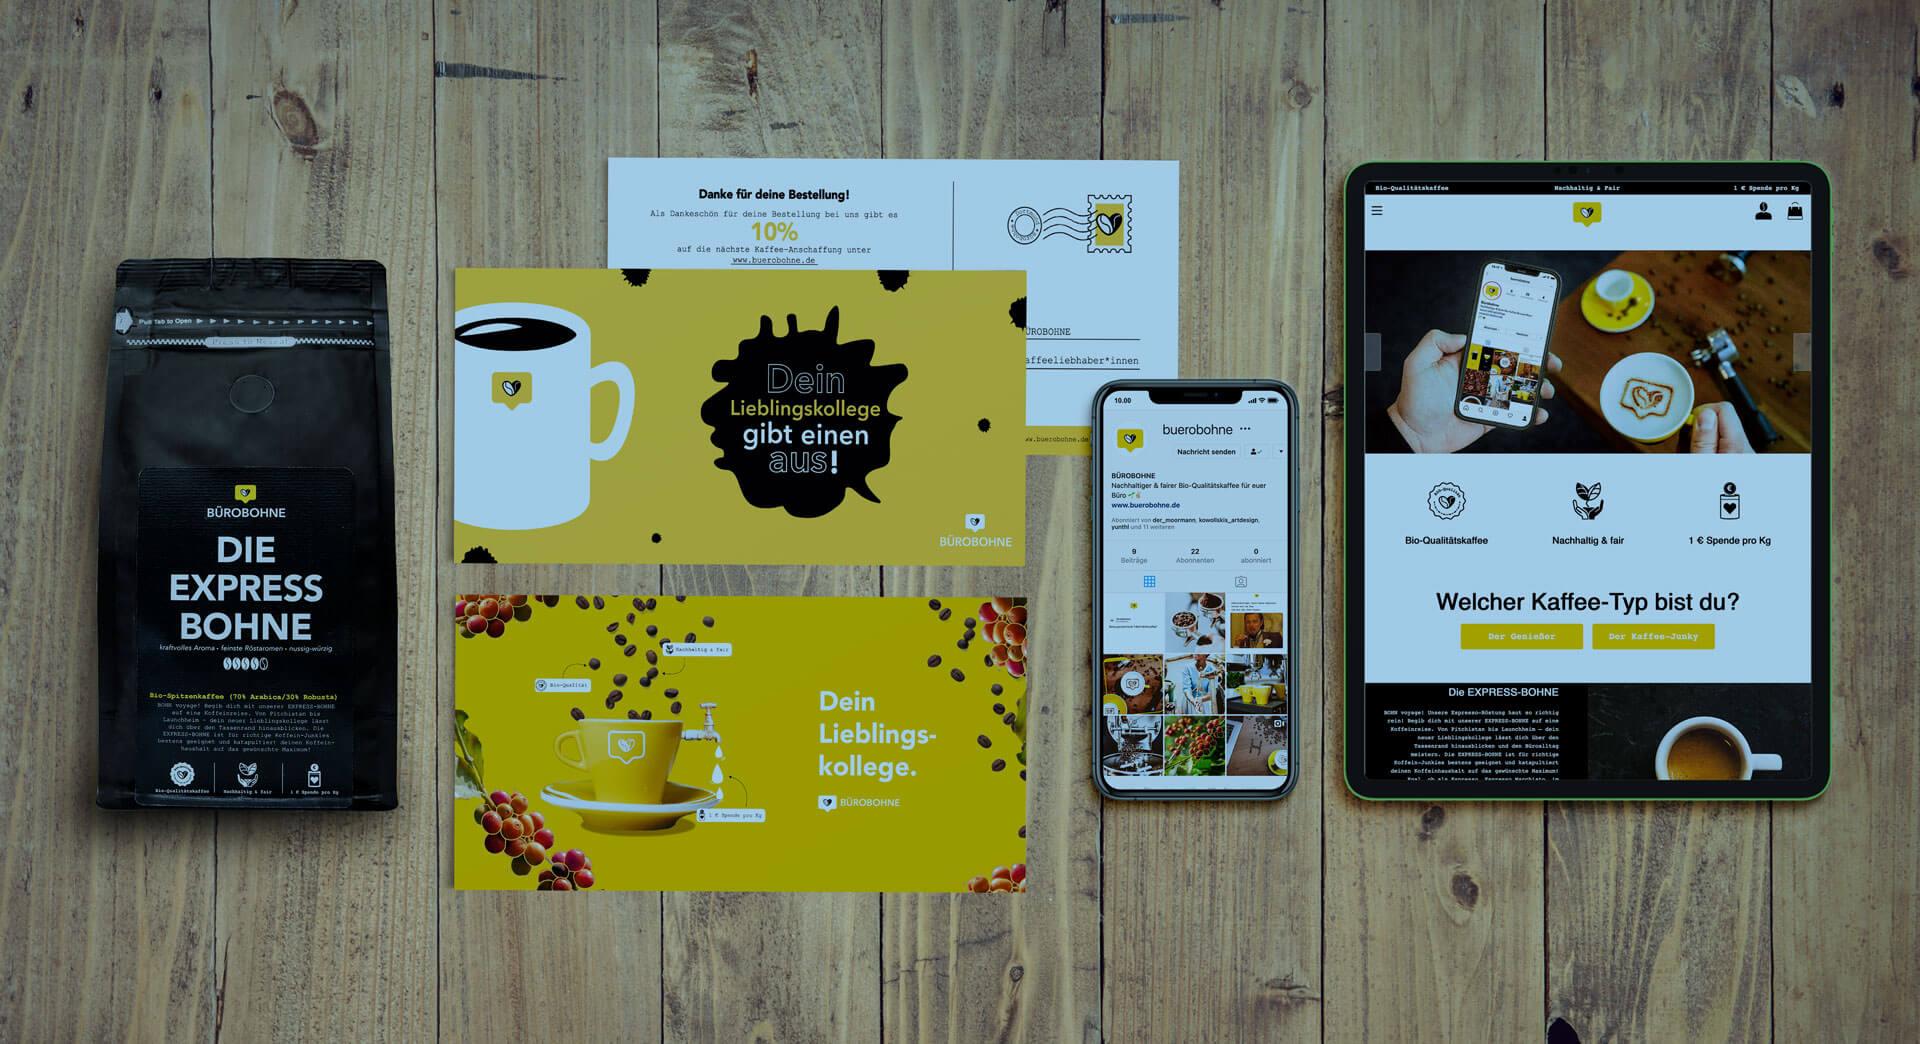 Postkarten und Kaffeverpackungen der Hauseigenen Kaffeemarke werden dargestellt.